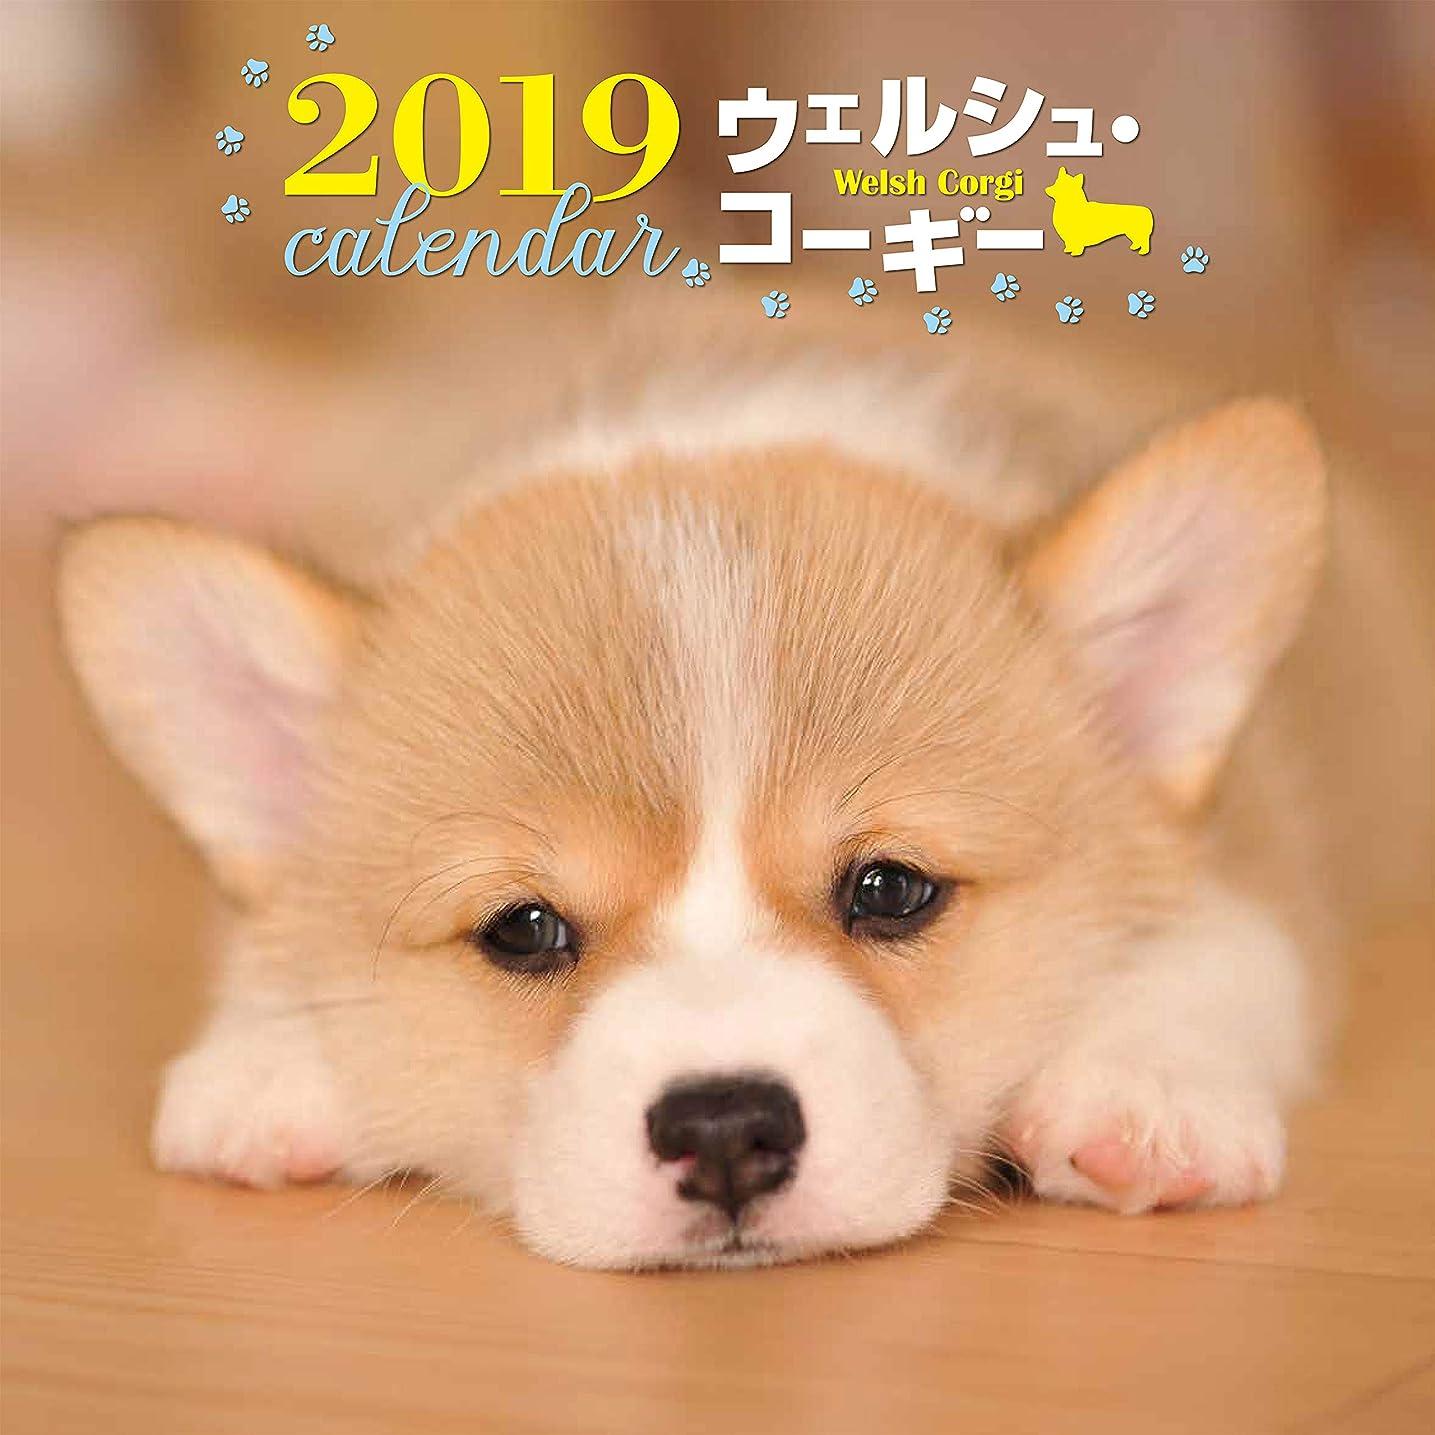 膨らみ頭痛咲く2019年大判カレンダー ウェルシュ?コーギー